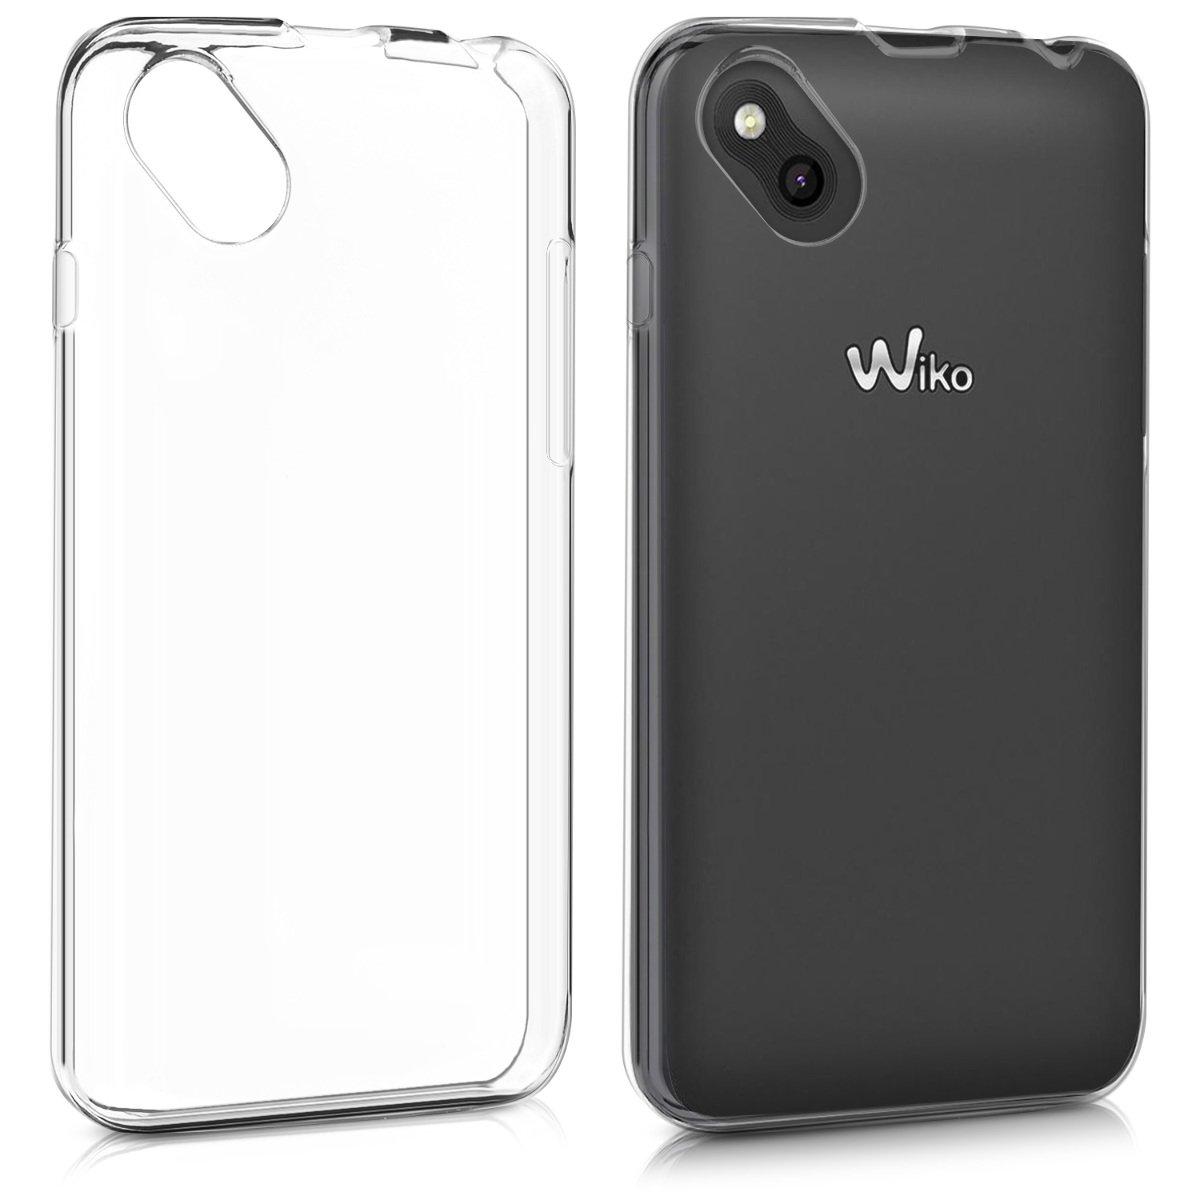 kwmobile Funda para Wiko Sunny - Carcasa Protectora de [TPU] para móvil - Cover [Trasero] en [Transparente]